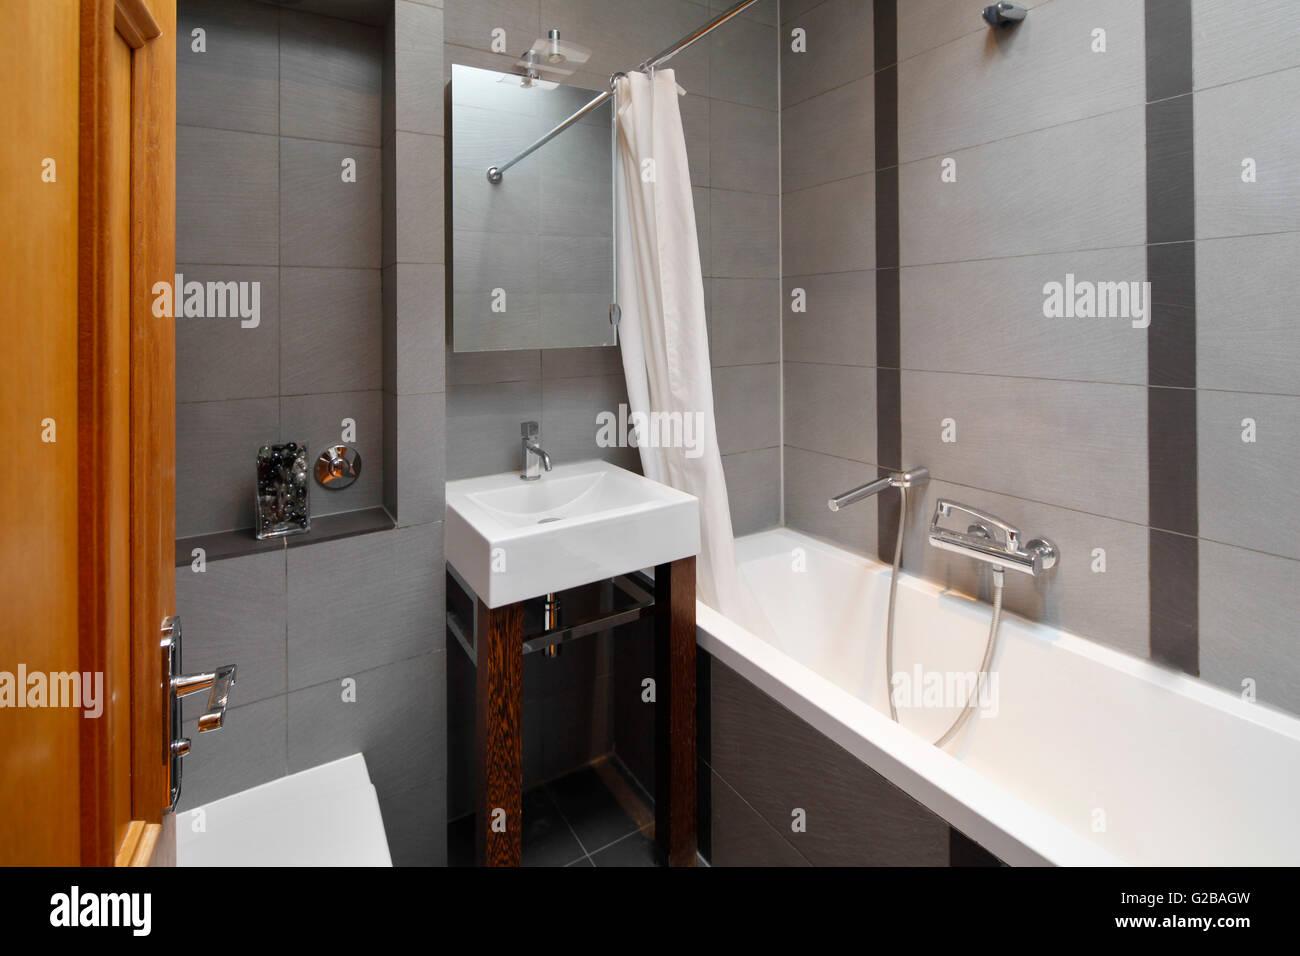 Inverness terrace. una moderna stanza da bagno con piastrelle grigie